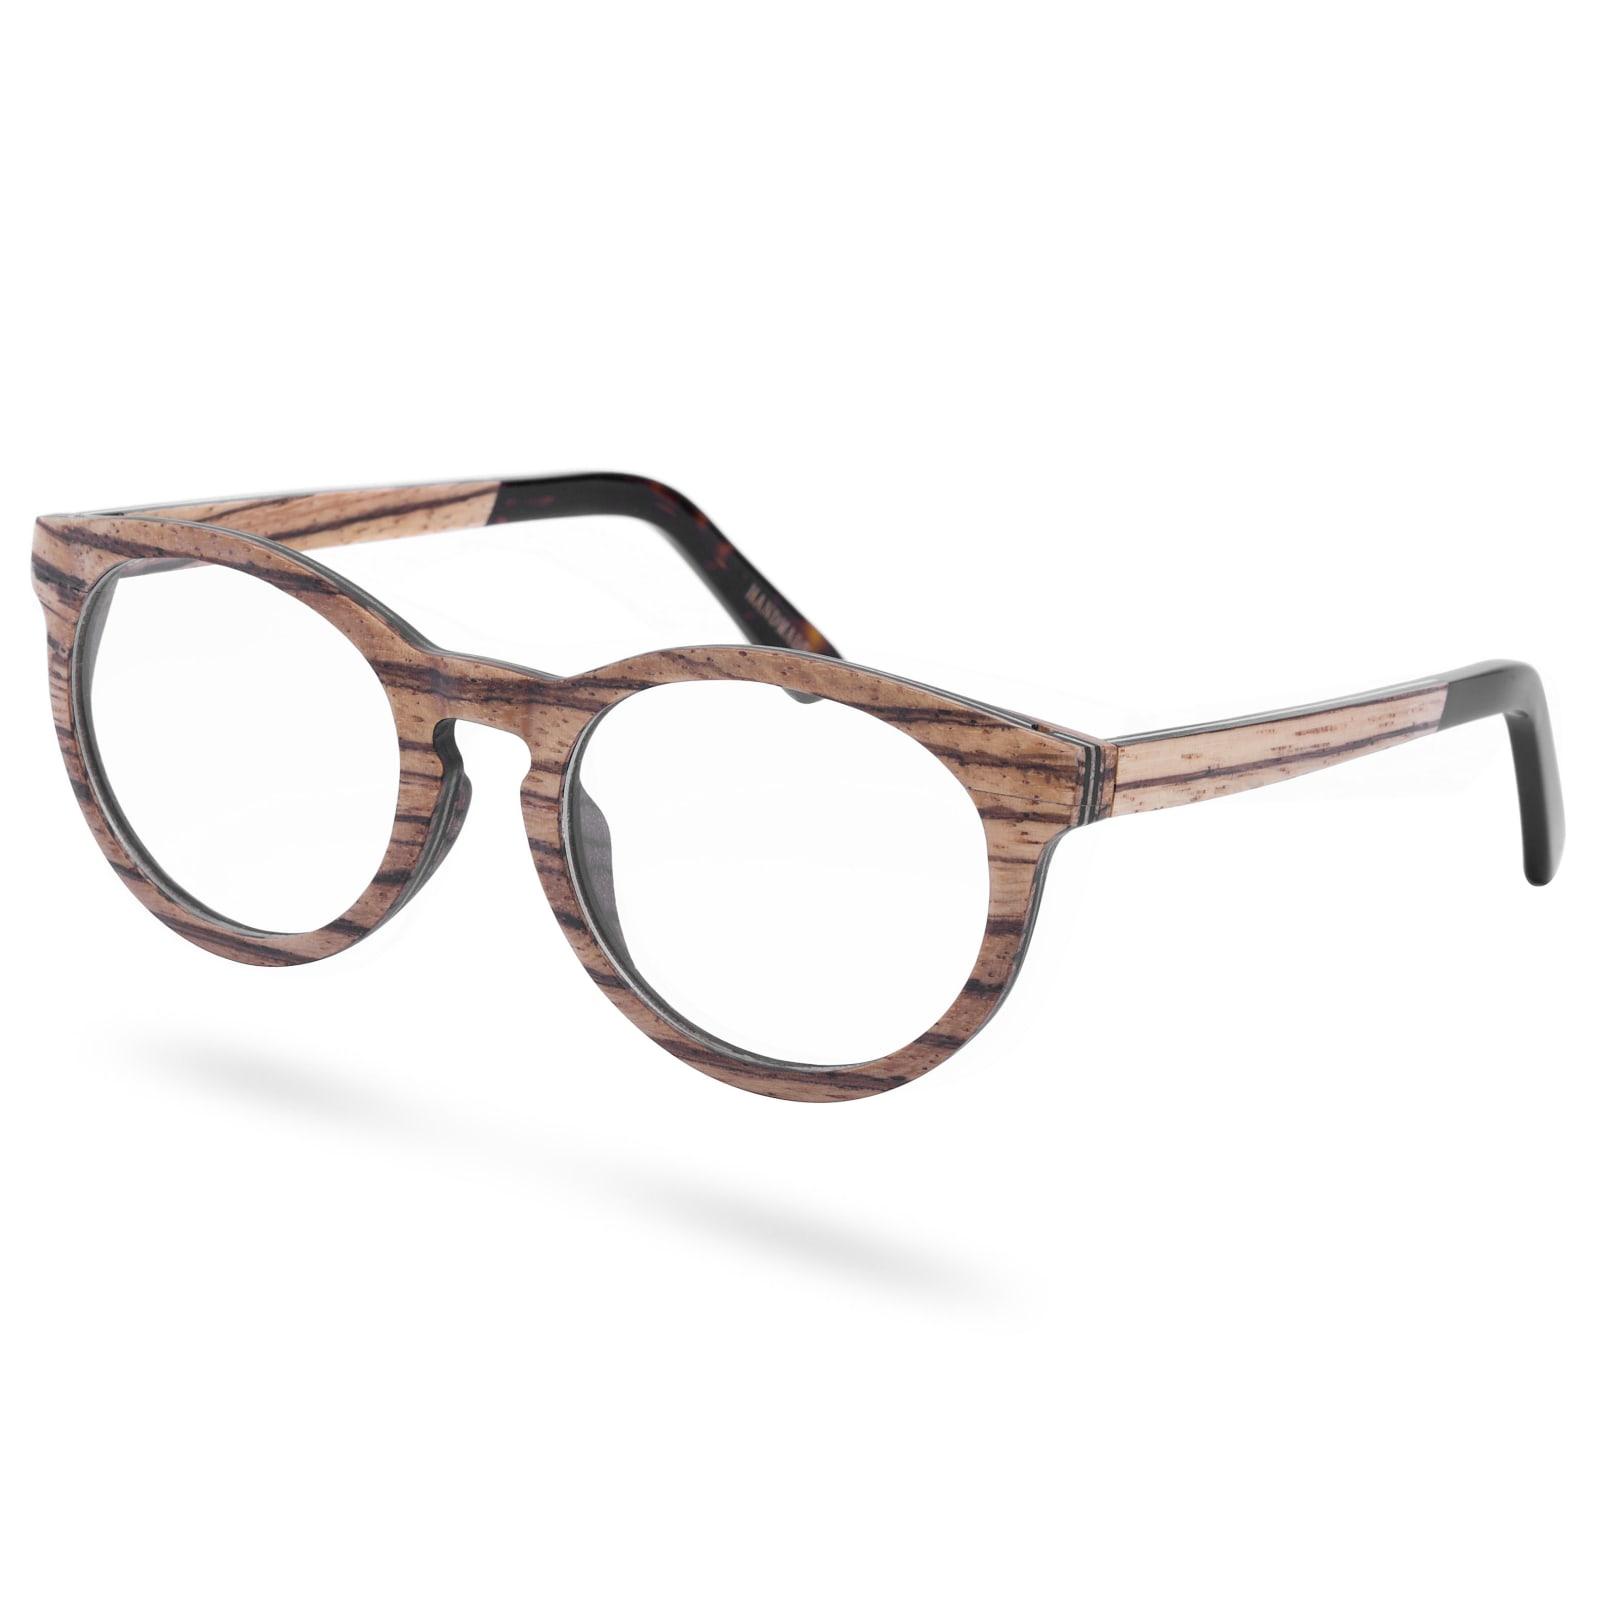 d49038164 Priehľadné okuliare s dreveným rámom   Doručenie zdarma   Paul Riley